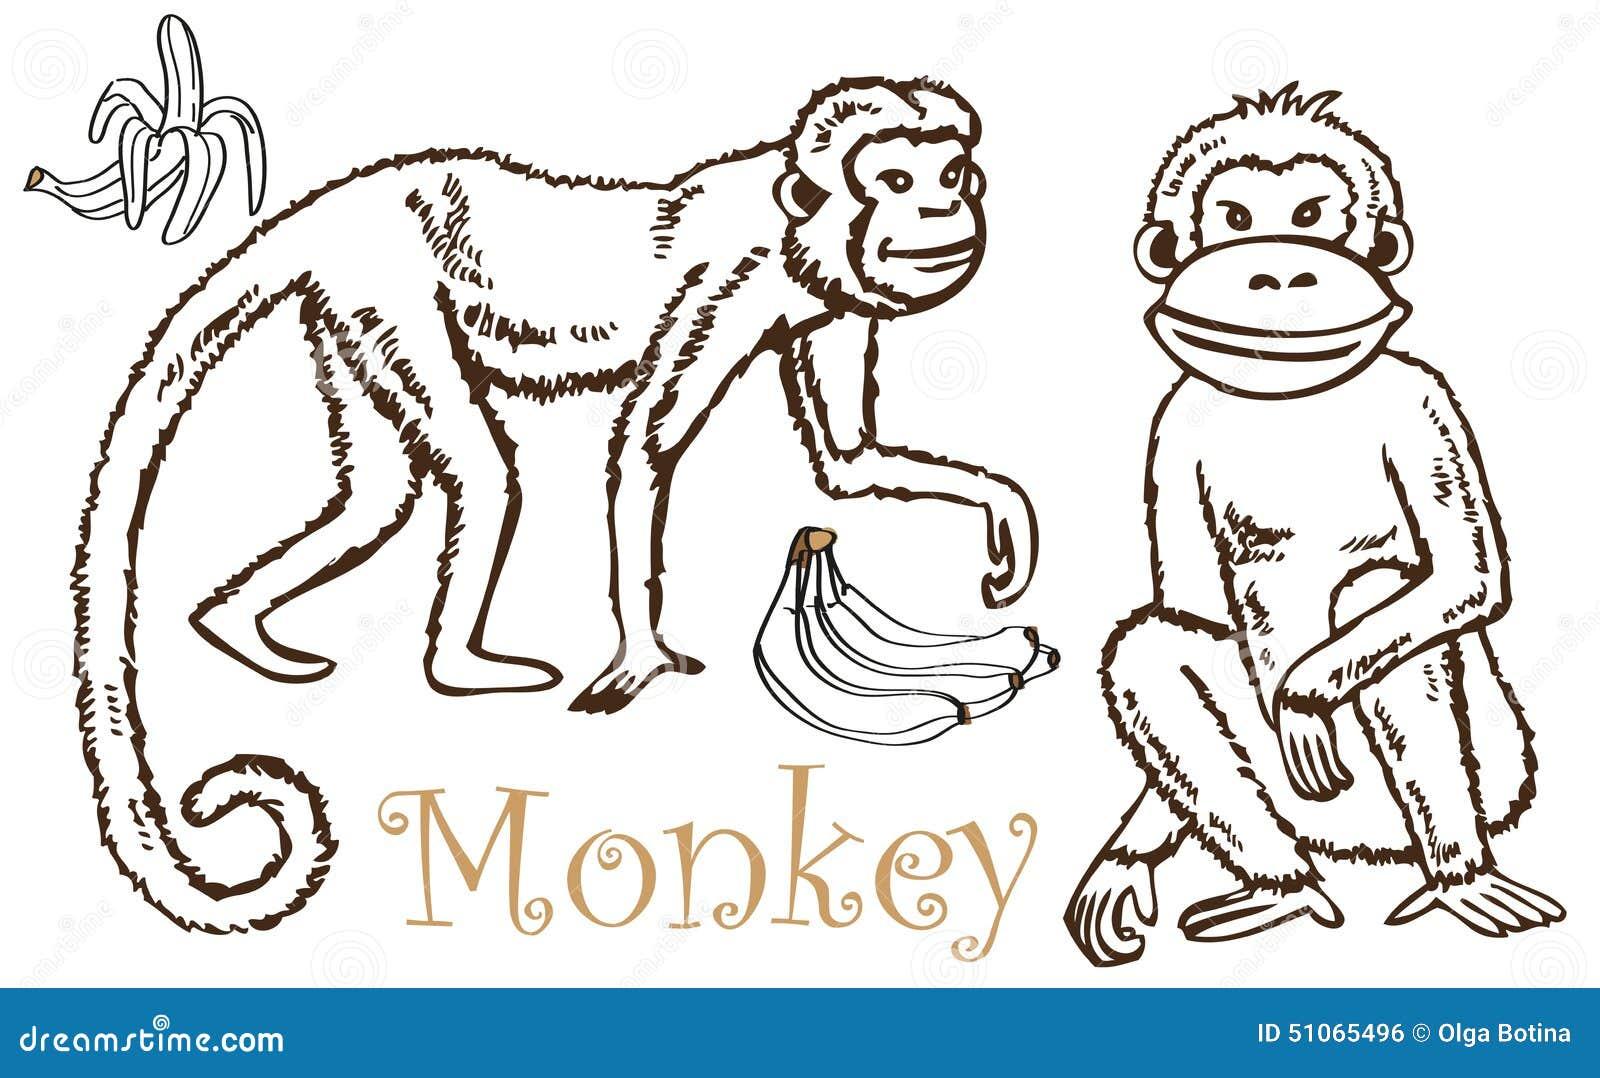 monkey and bananas drawing stock vector image 51065496